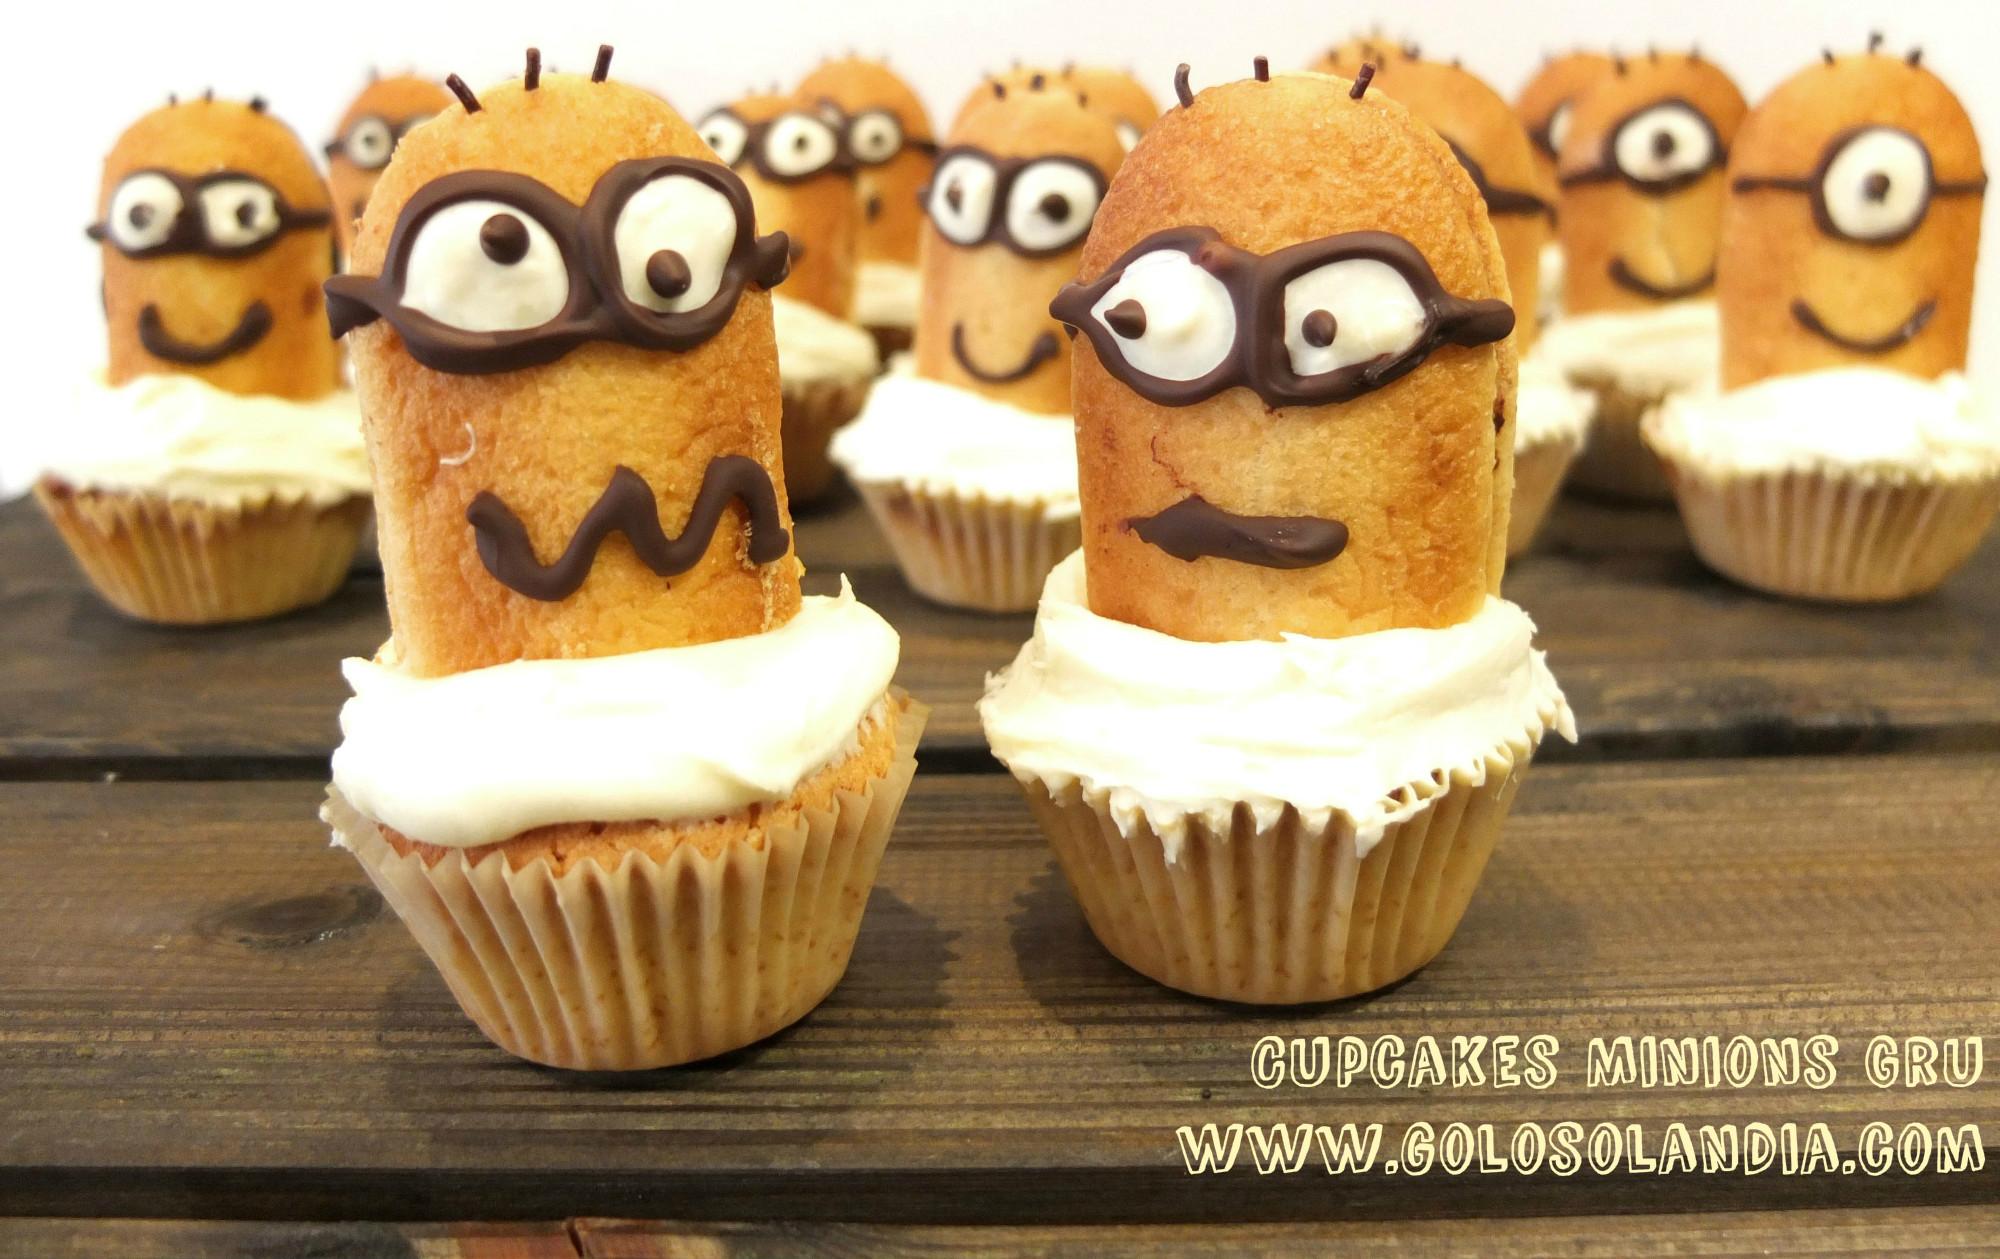 Cupcakes Minions Gru